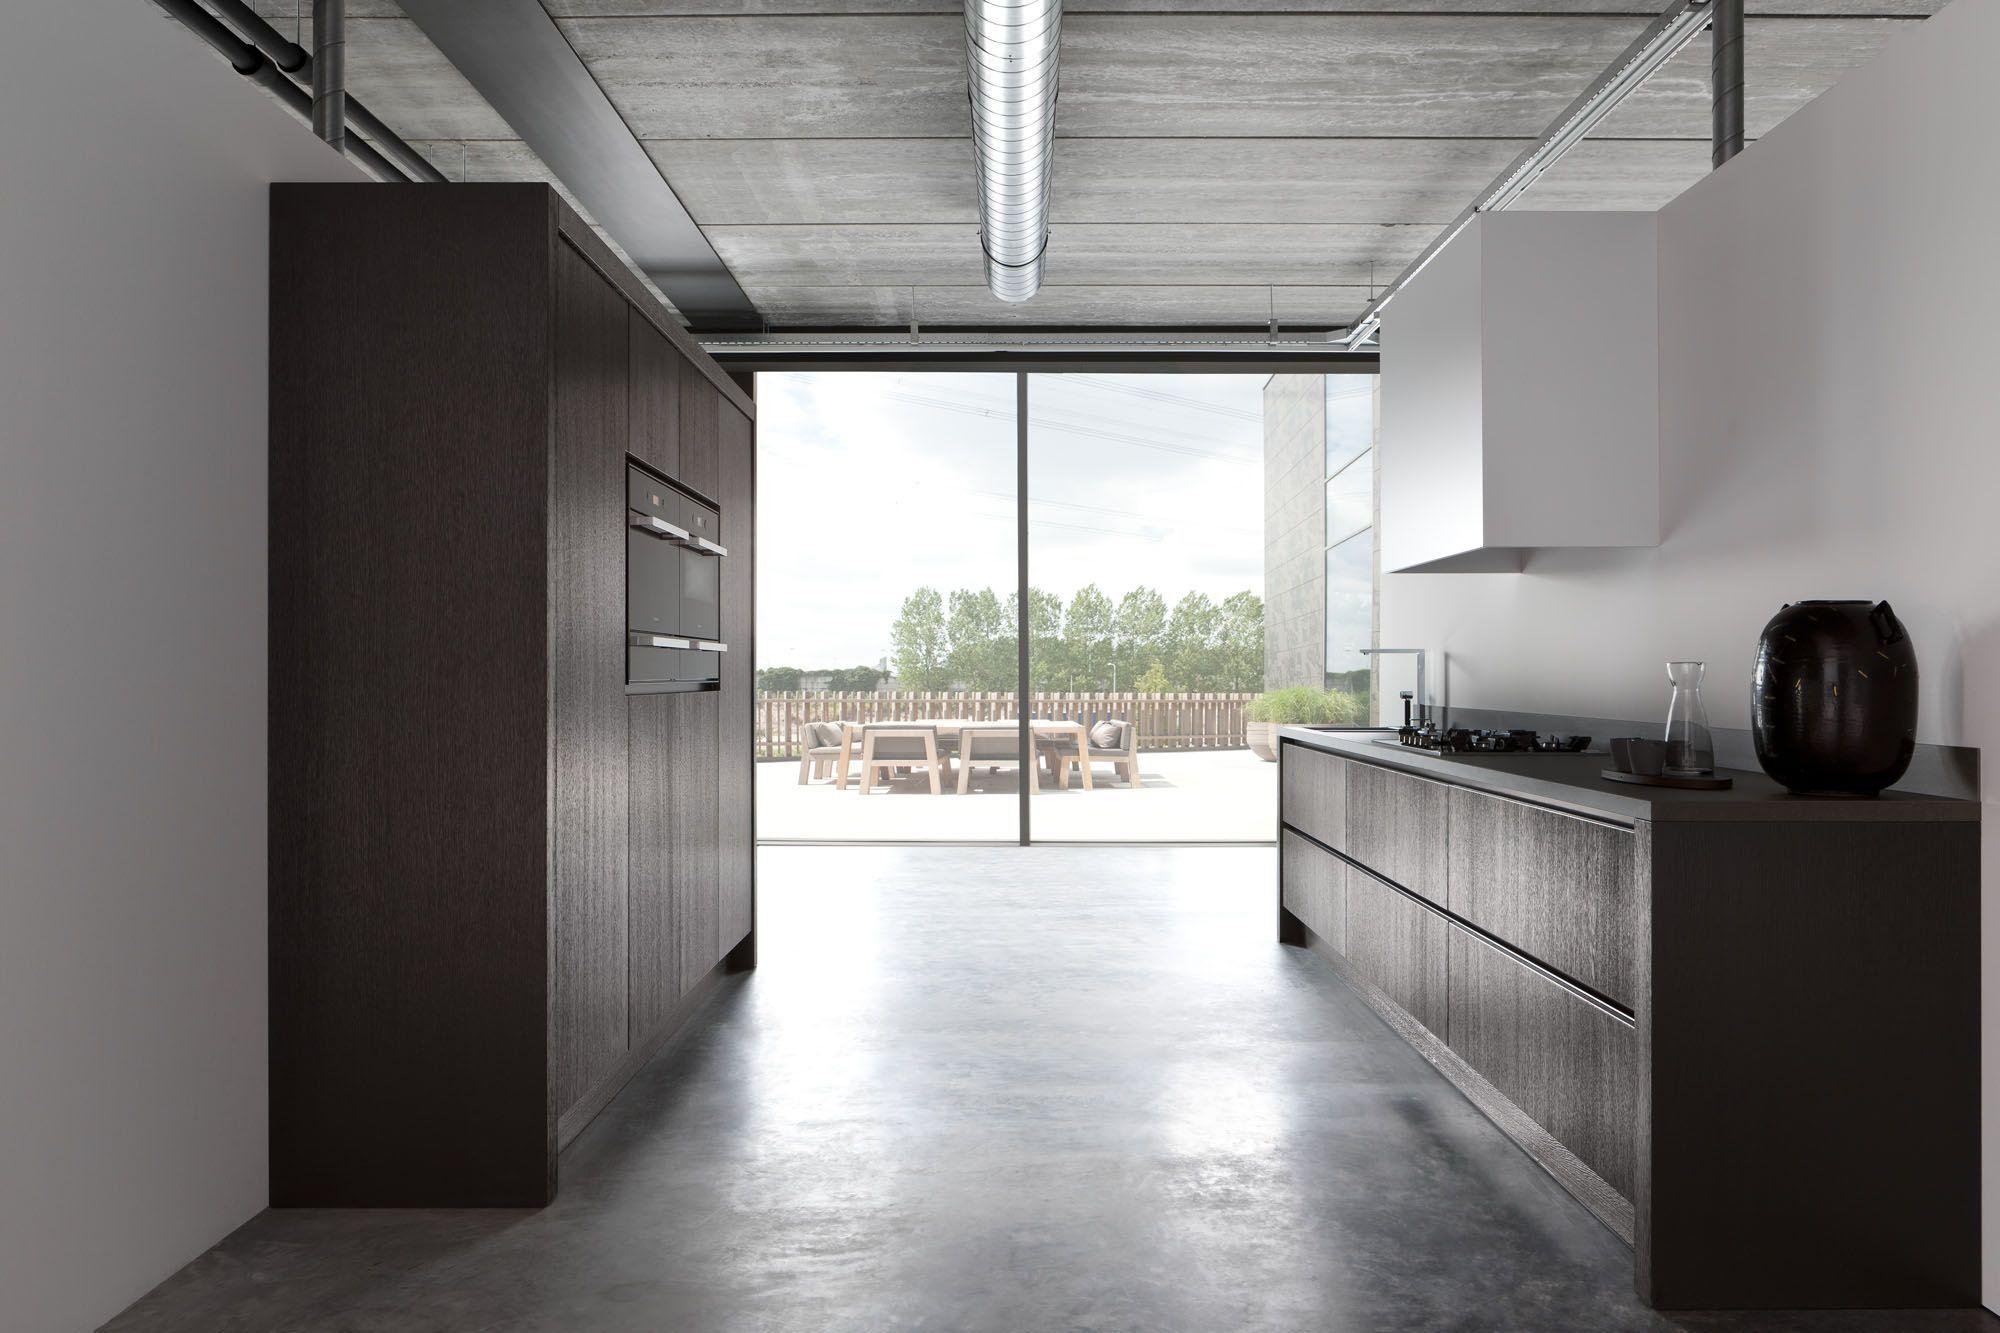 Piet Boon Keuken : Piet boon kitchen ideas keuken interieur and keukens